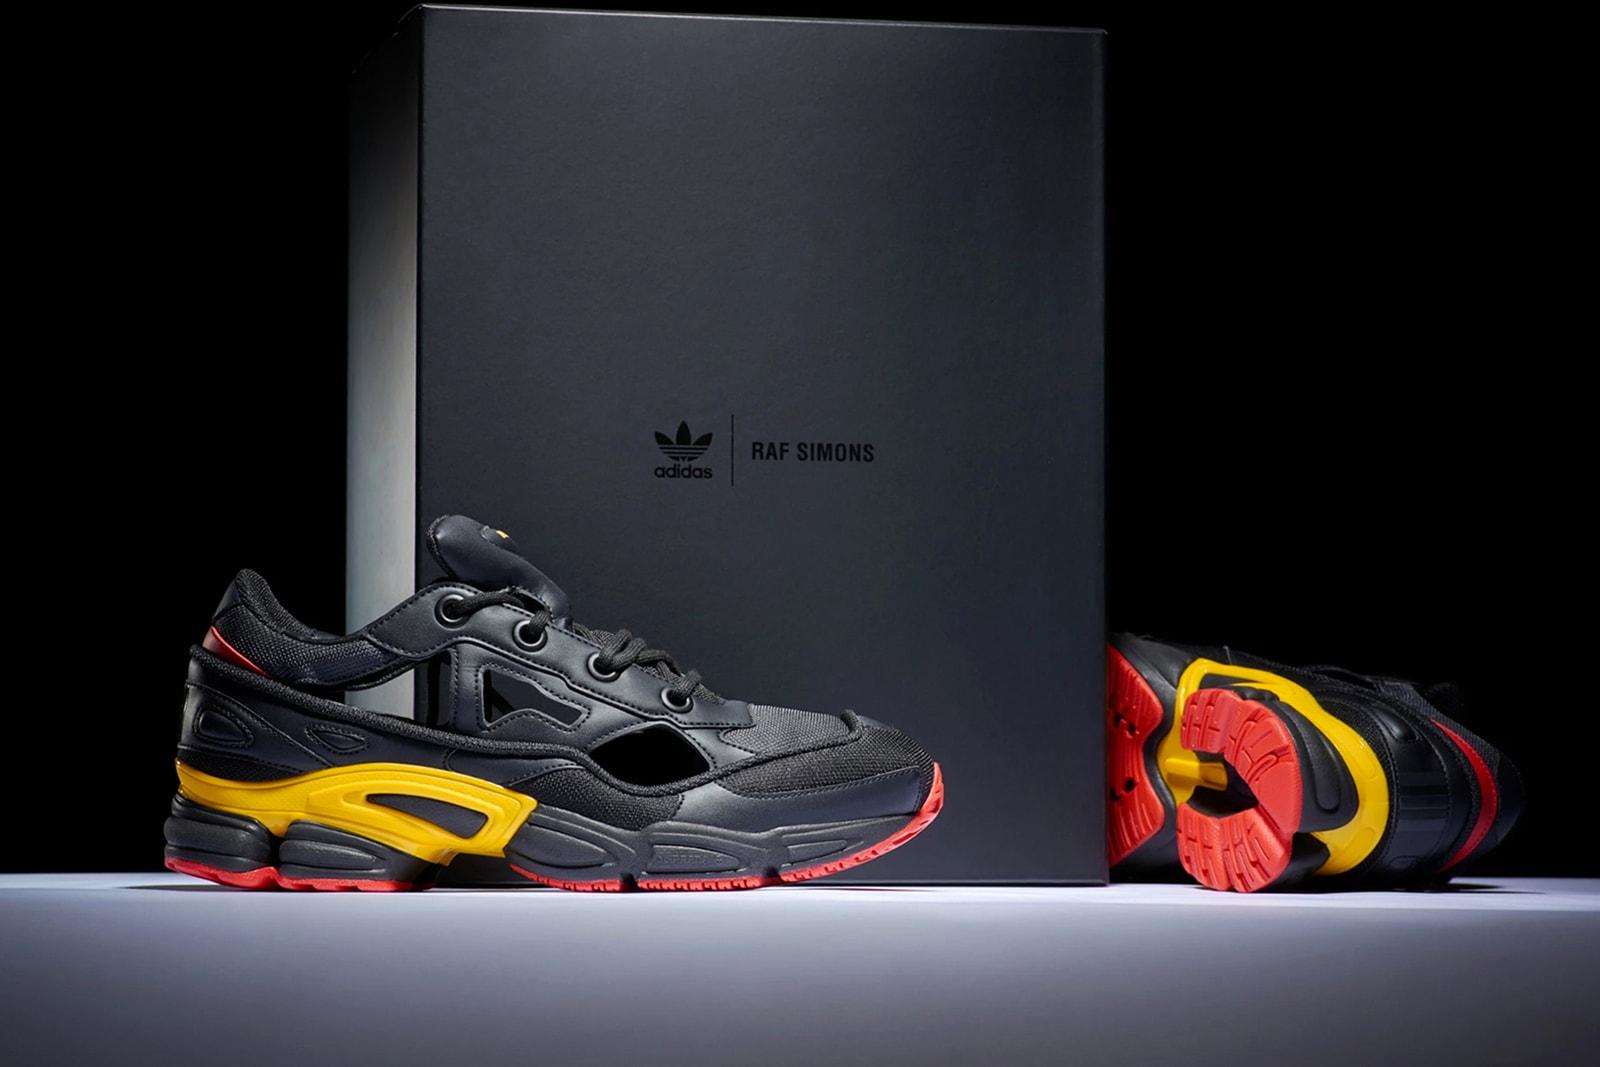 見逃したくない今週のリリースアイテム 7 選(2018|7/9~7/15)マシュー・ウィリアムスと〈NikeLab〉による最新コラボカプセル、世界的グラフィックデザイナーのVERDYと名門リテーラー2社とのチームアップ作品群がドロップ HYPEBEAST ハイプビースト